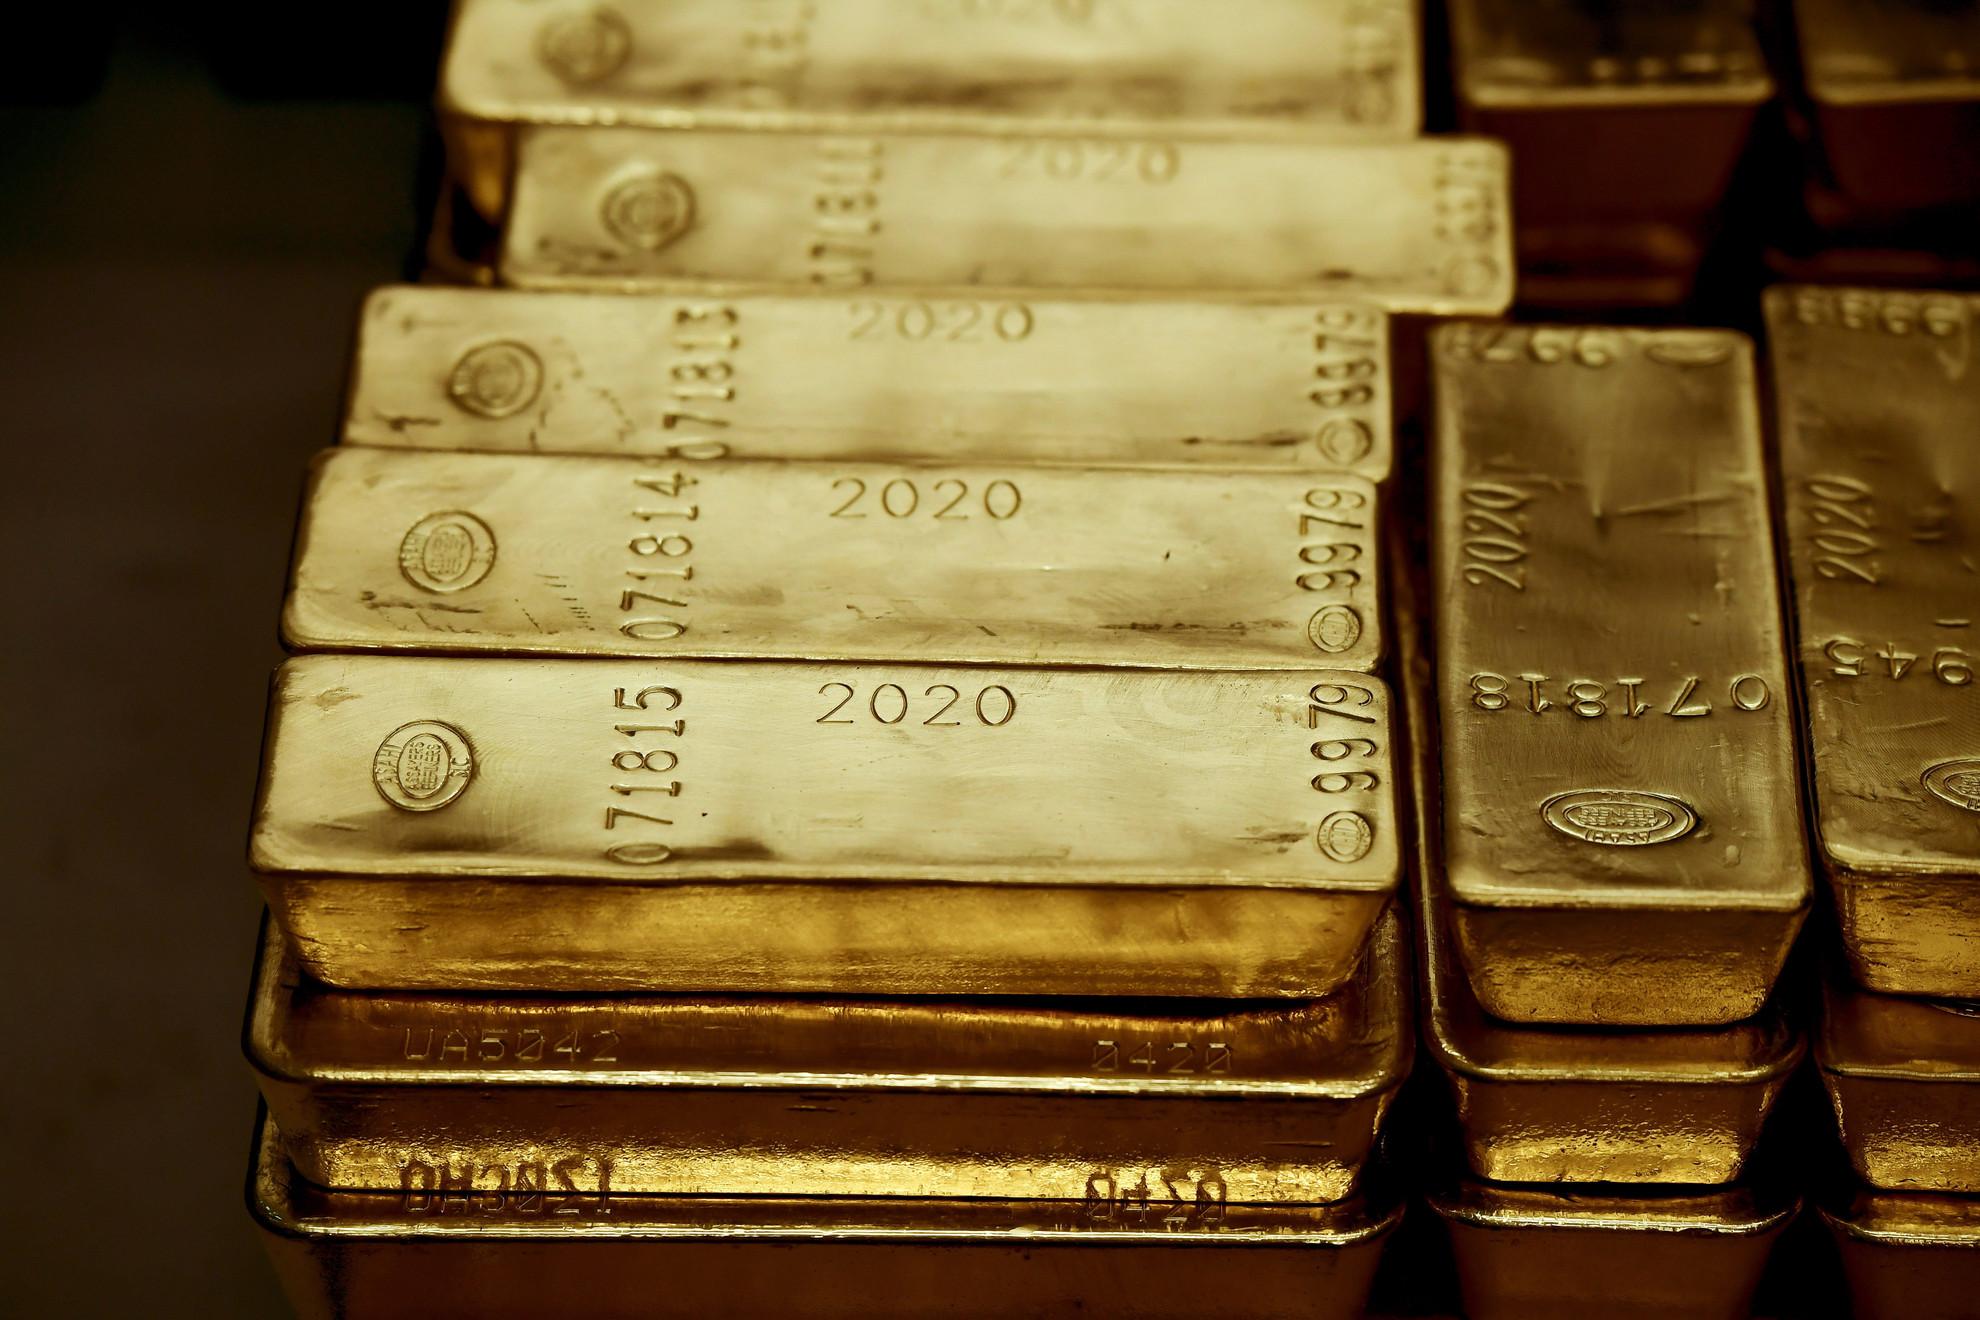 Aranytömbök az MNB által őrzött aranytartalékból Budapesten, az MNB logisztika központjában 2021. július 6-án. Ezen a napon Orbán Viktor miniszterelnök Matolcsy György, a Magyar Nemzeti Bank (MNB) elnökének társaságában megtekintette az MNB által őrzött aranytartalékot